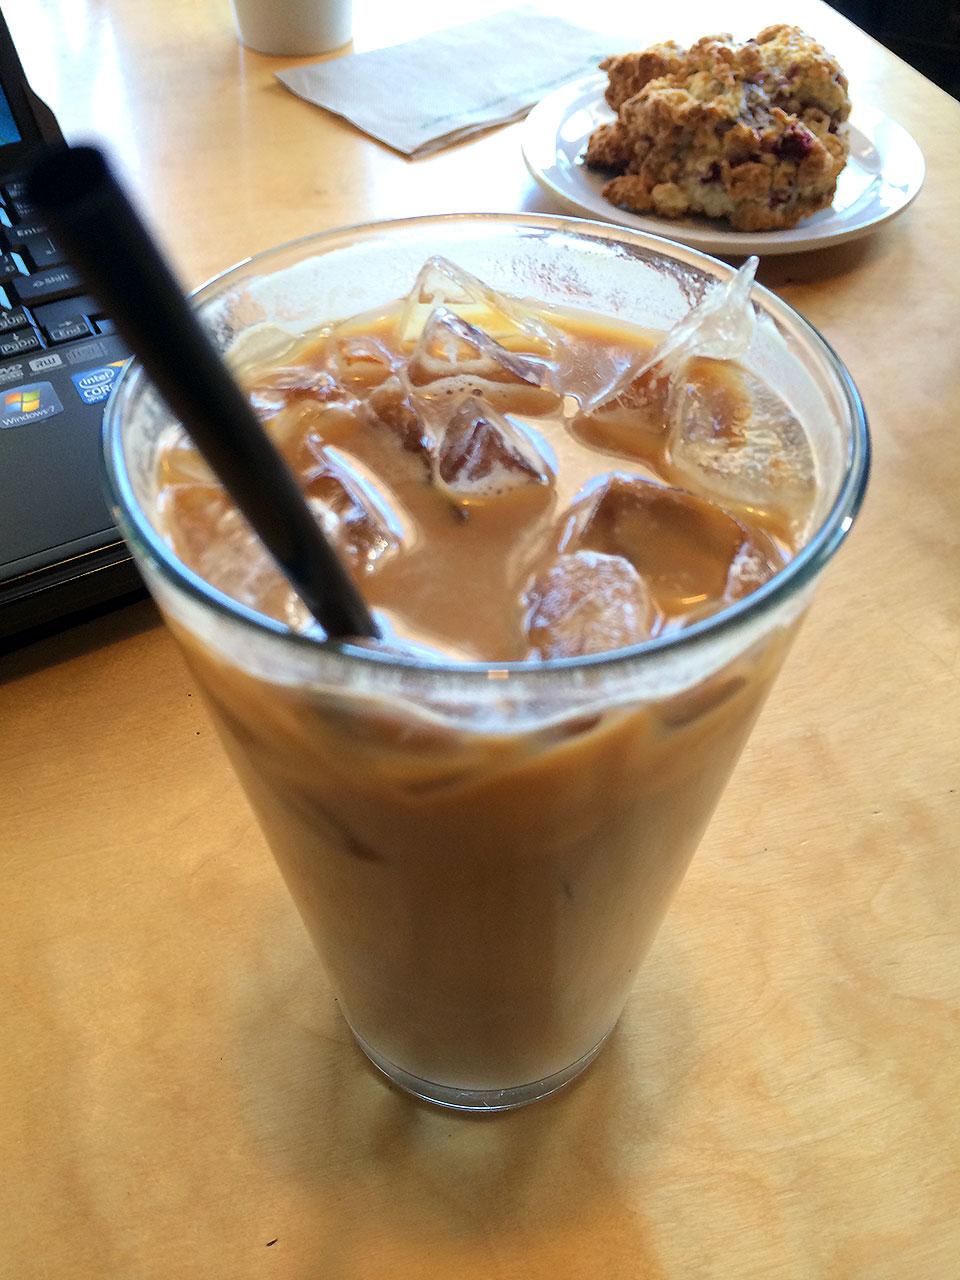 先ずはカフェでまったりして、今日の予定を考えます。